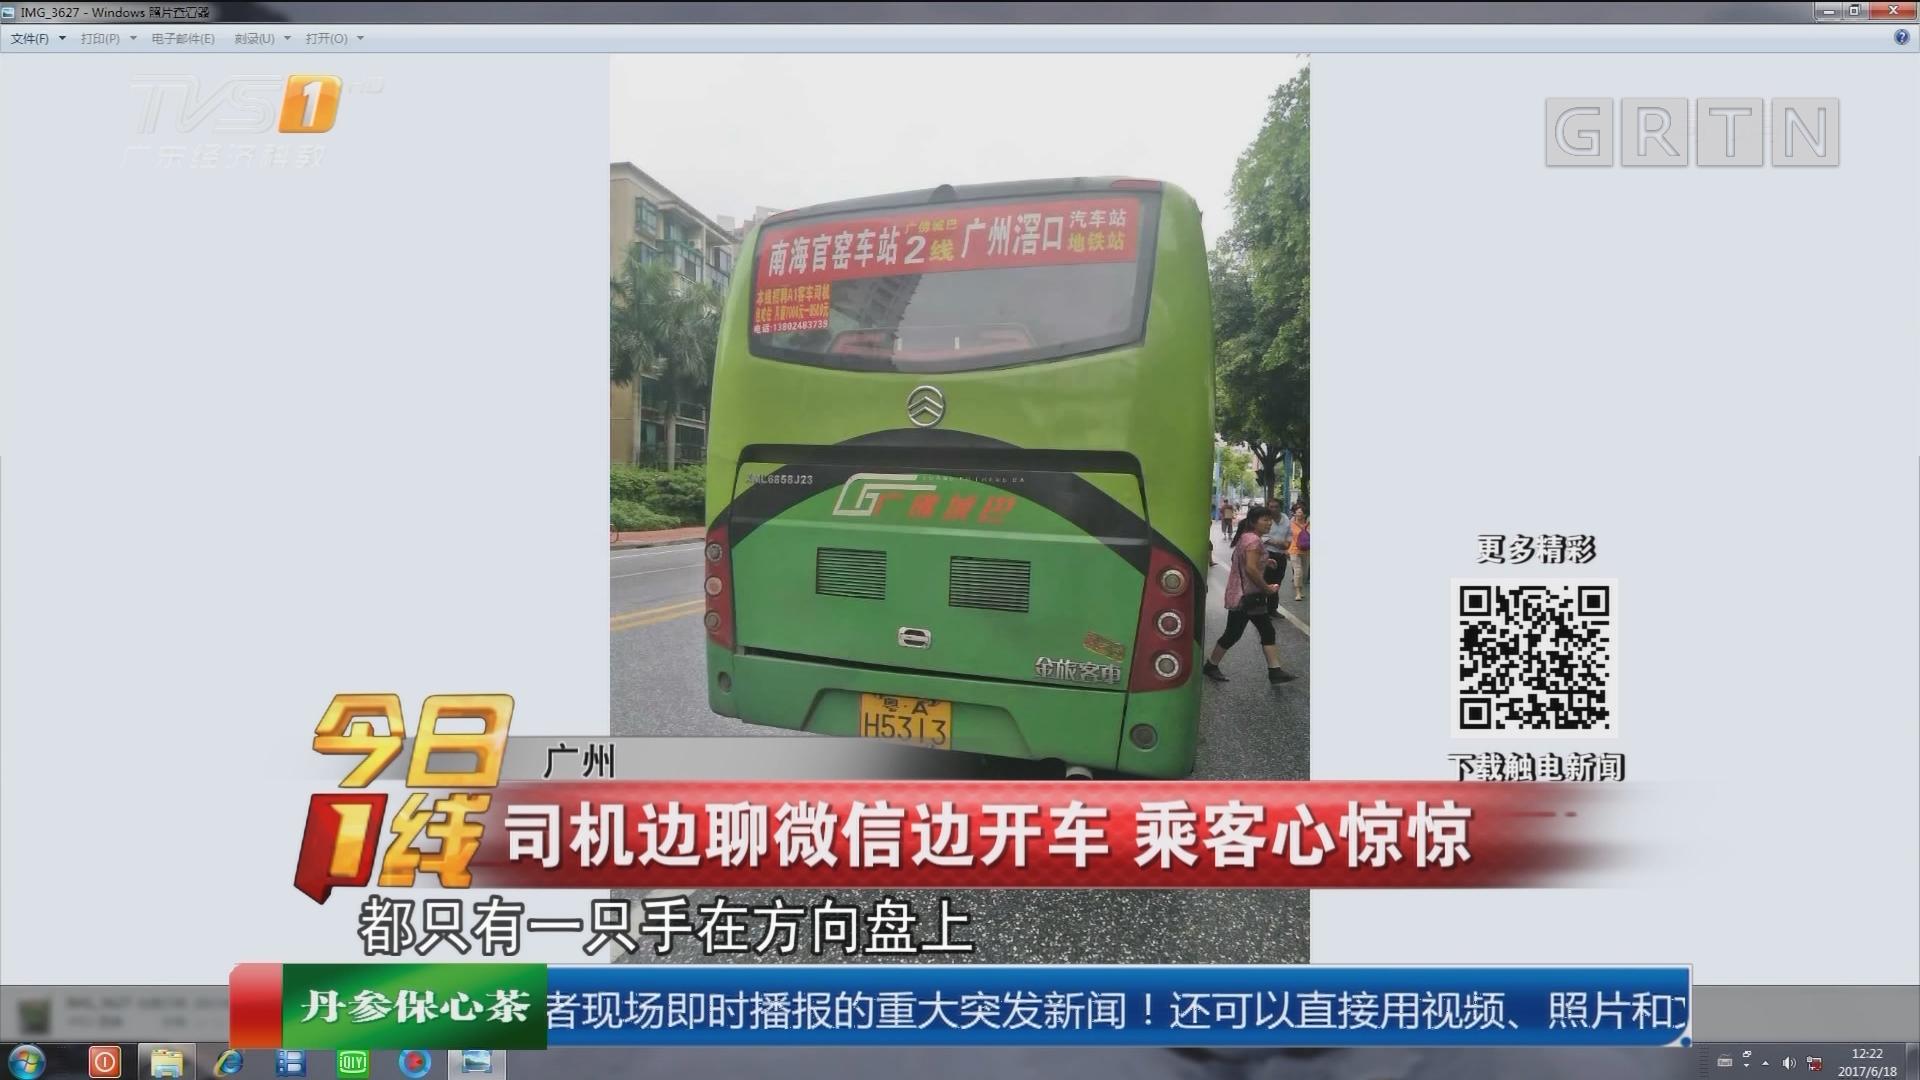 广州:司机边聊微信边开车 乘客心惊惊